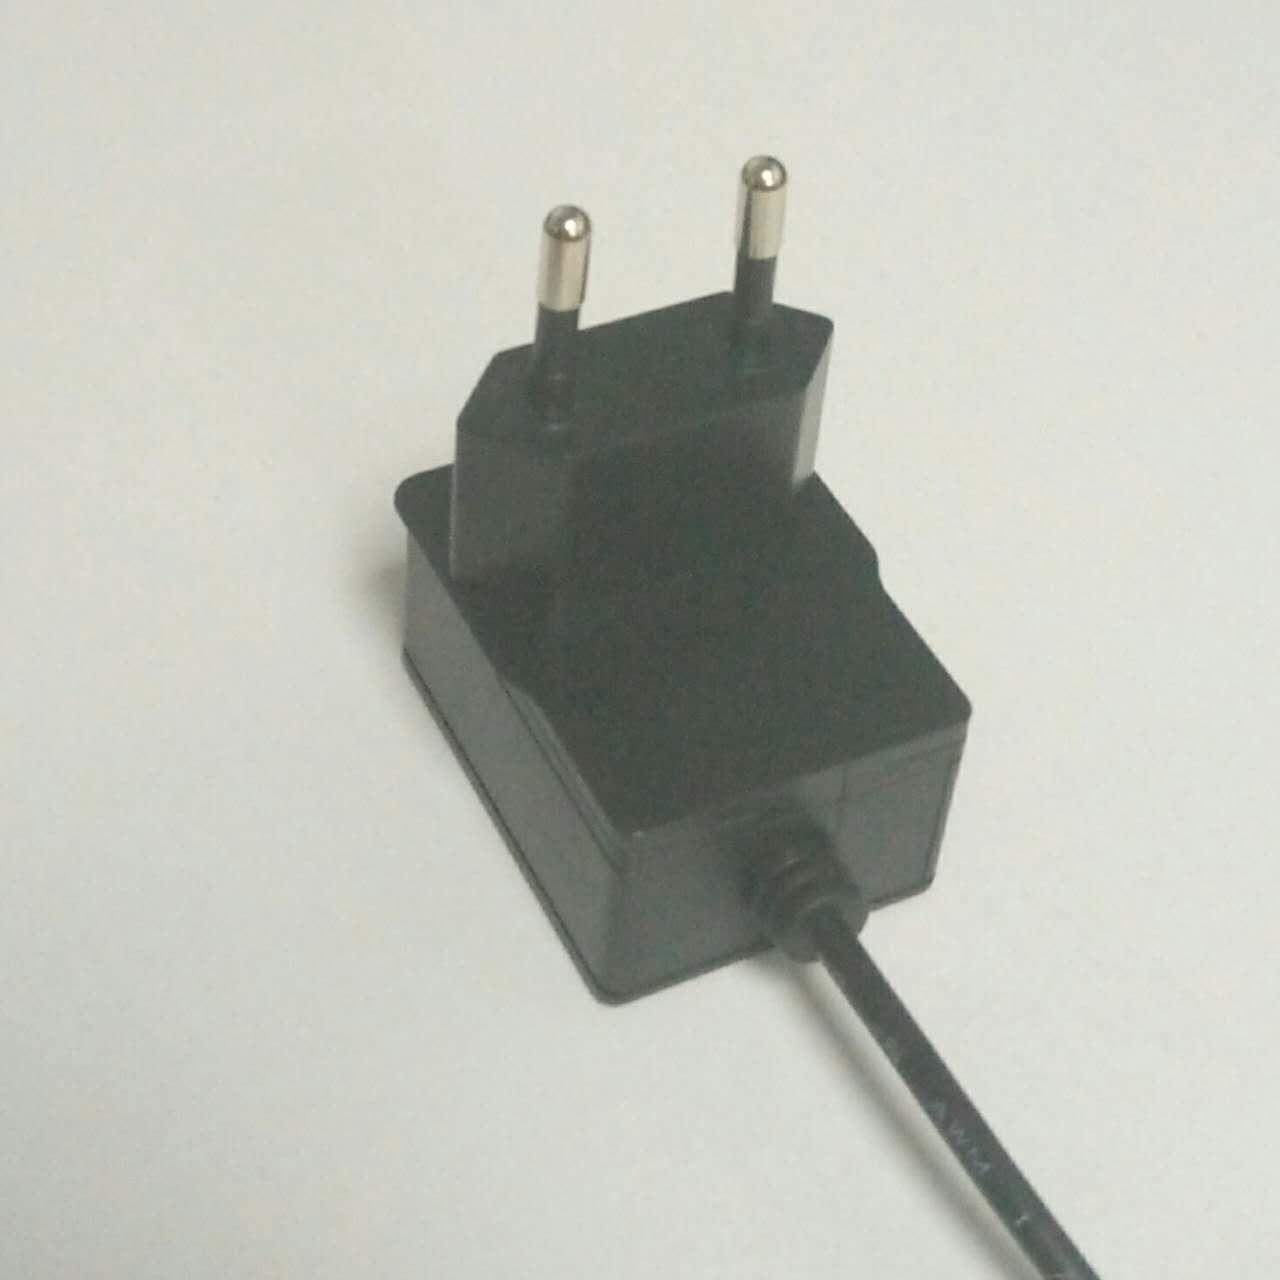 7.5V0.8A 欧规充电器,7.5V0.8A欧规适配器,7.5V0.8A欧规开关电源 2